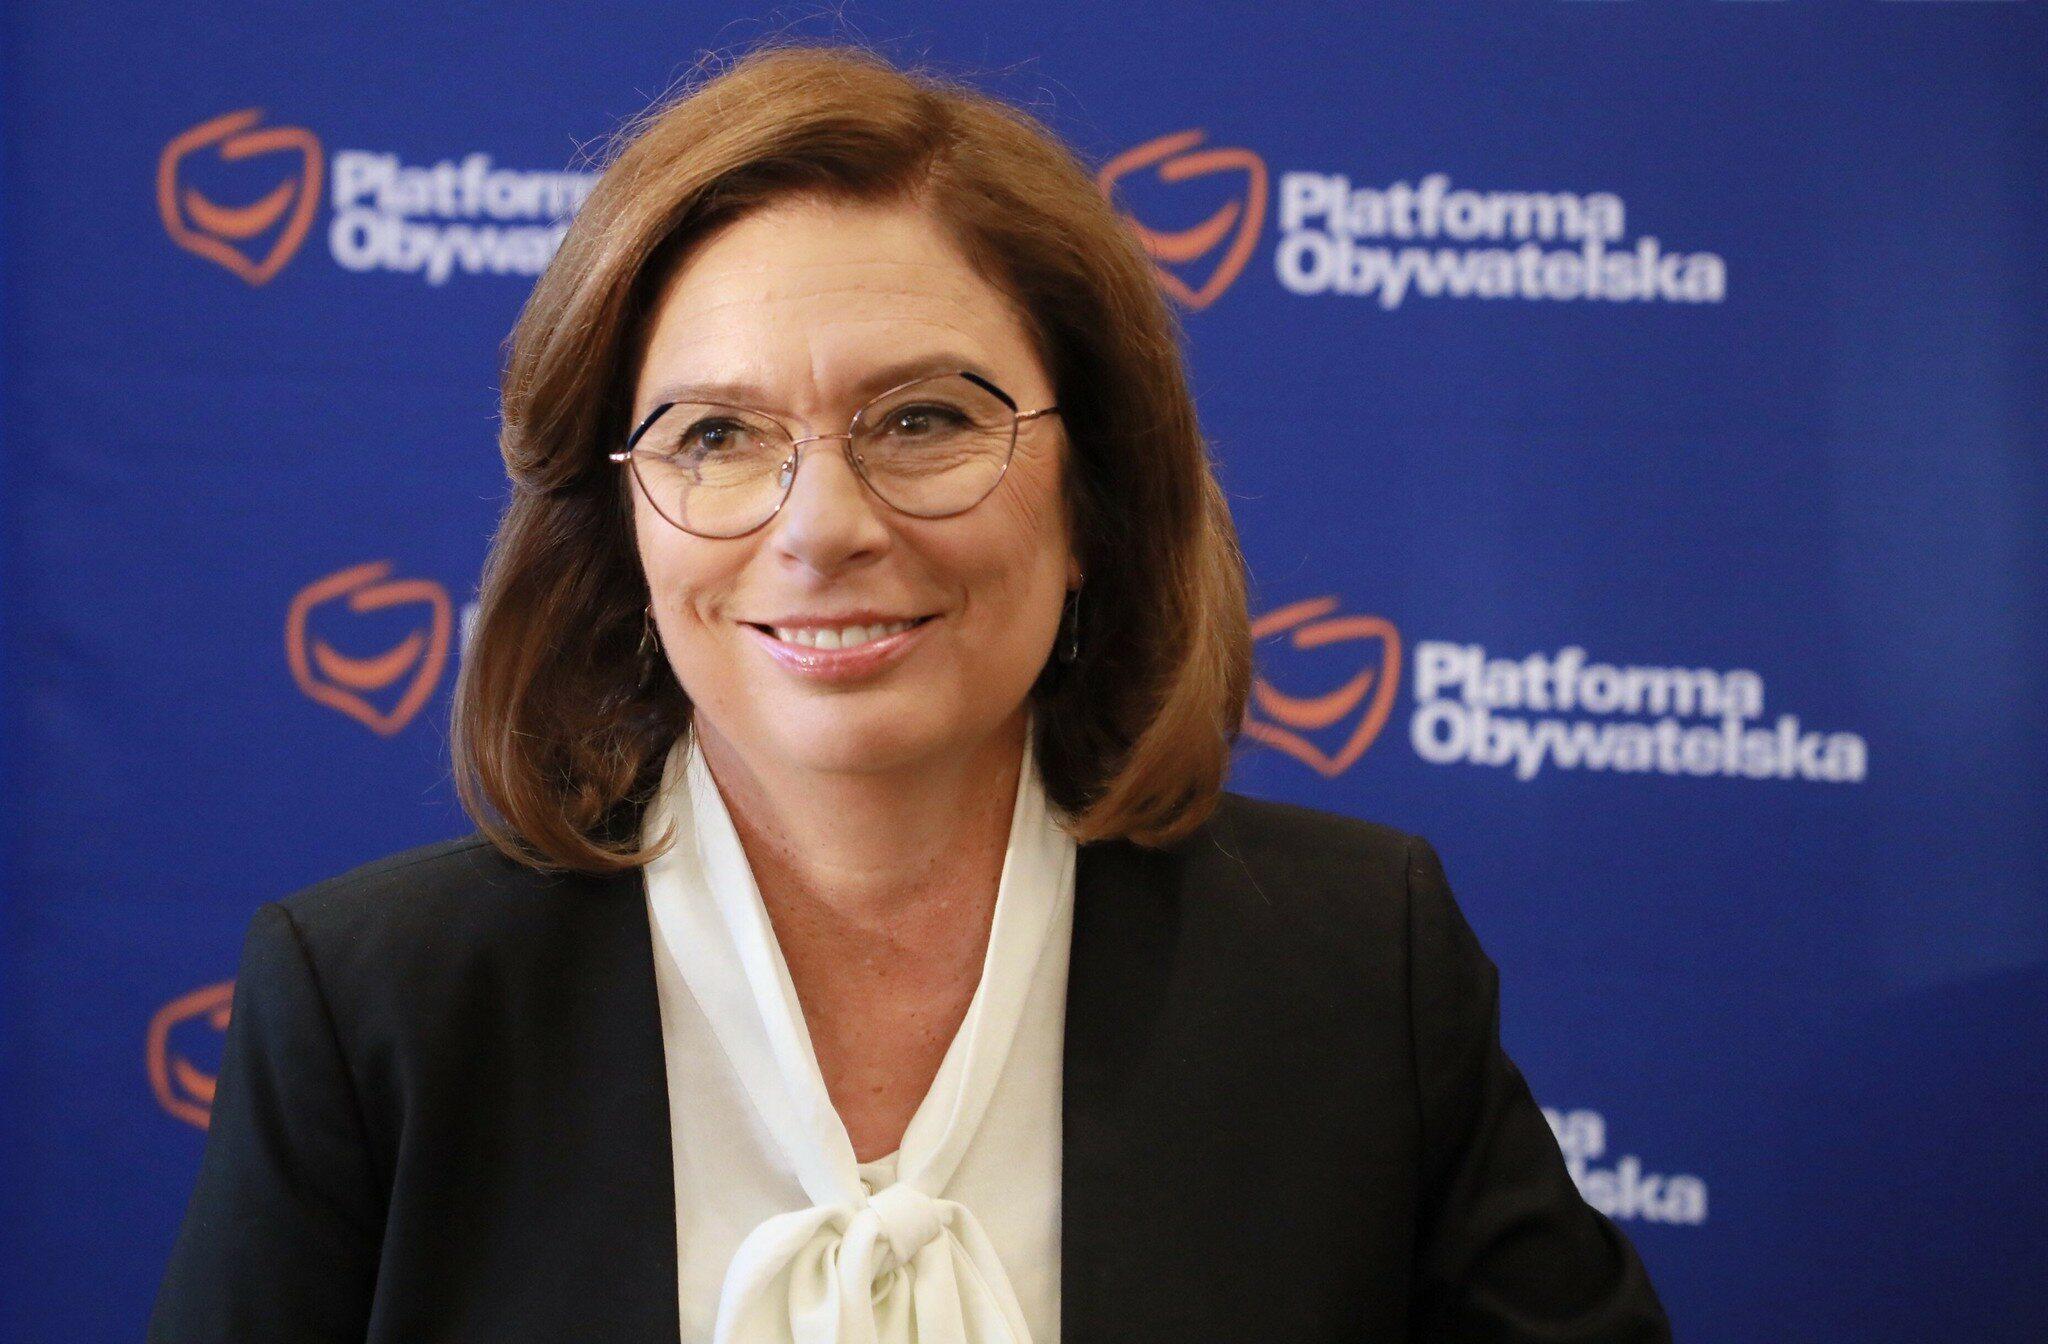 Małgorzata Kidawa-Błońska (PO)